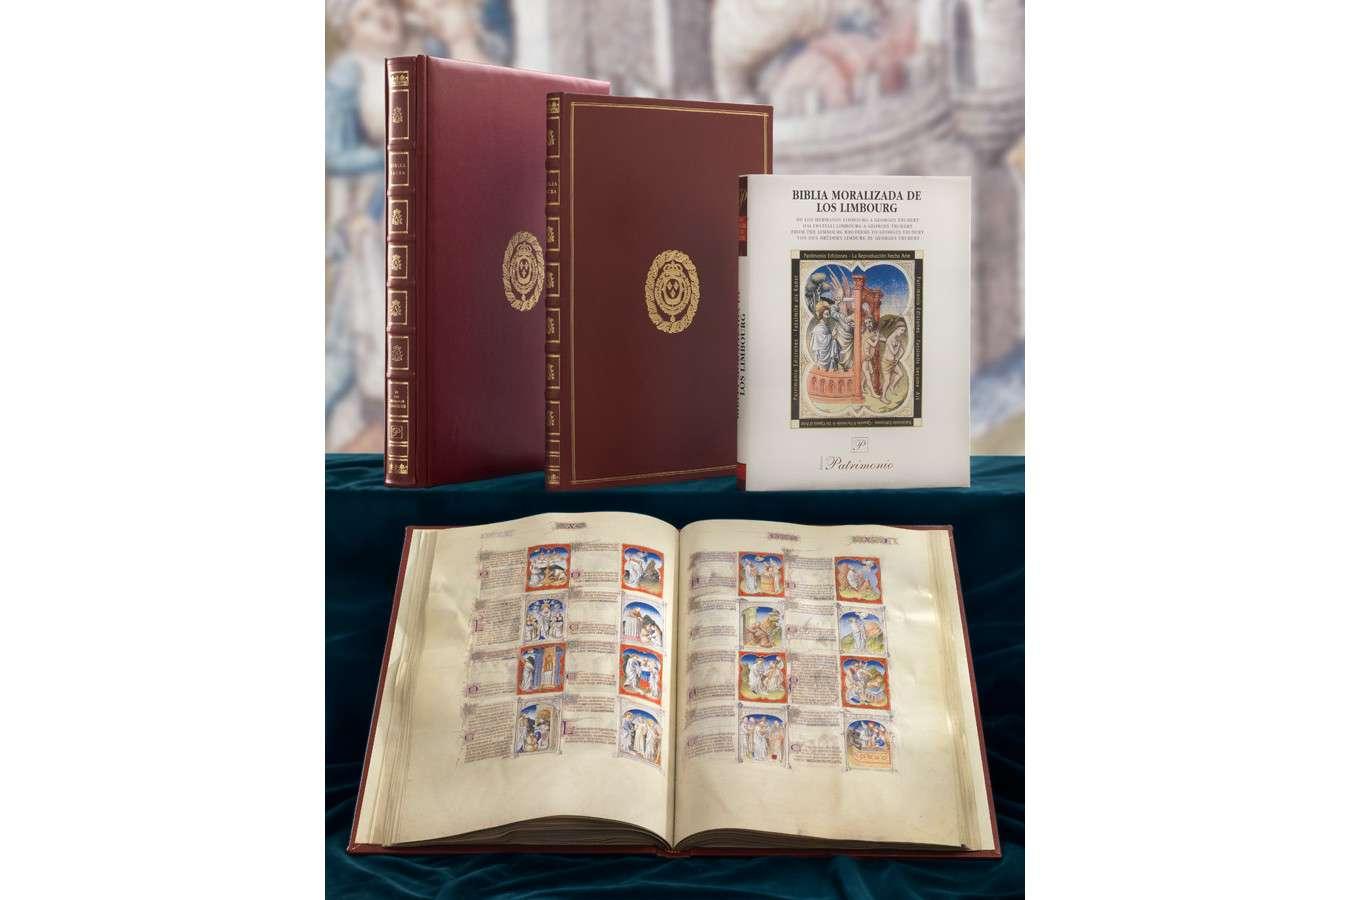 ILLUMINATED FACSIMILES®, Patrimonio Ediciones – Biblia Moralizada – photo 01, copyright photo Patrimonio Ediciones